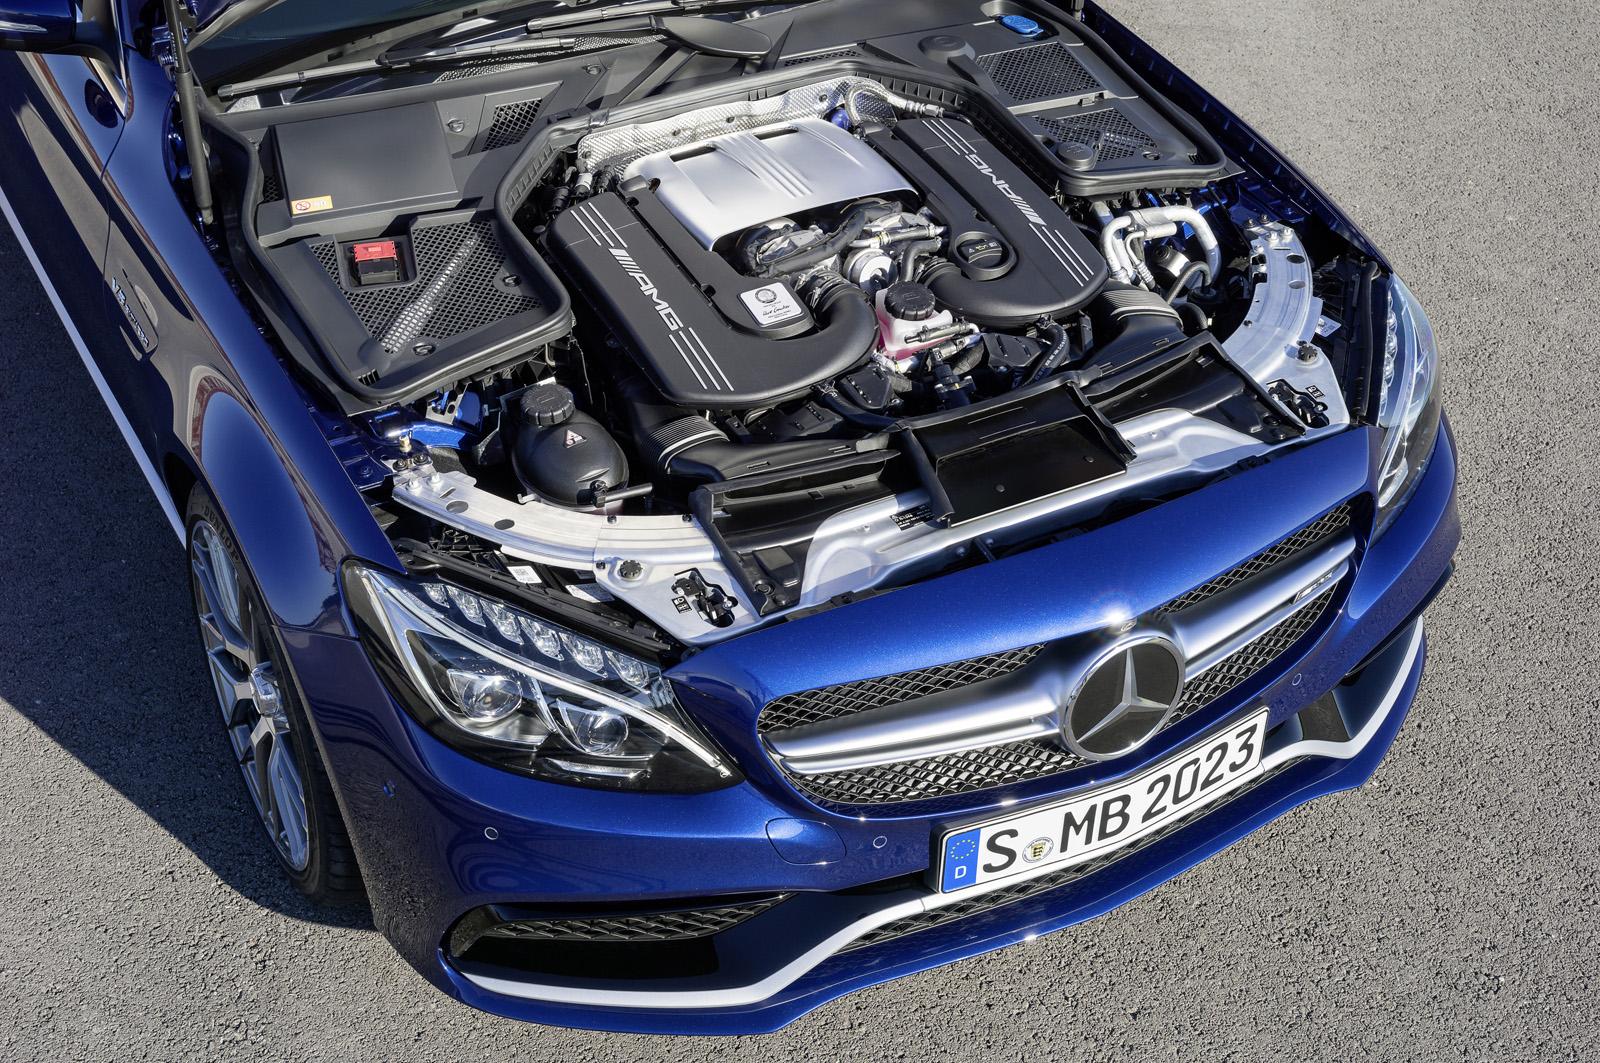 Mercedes-Benz C63 và C63s AMG sử dụng động cơ tăng áp kép V8 bi-turbo 4.0L có mã hiệu là M177